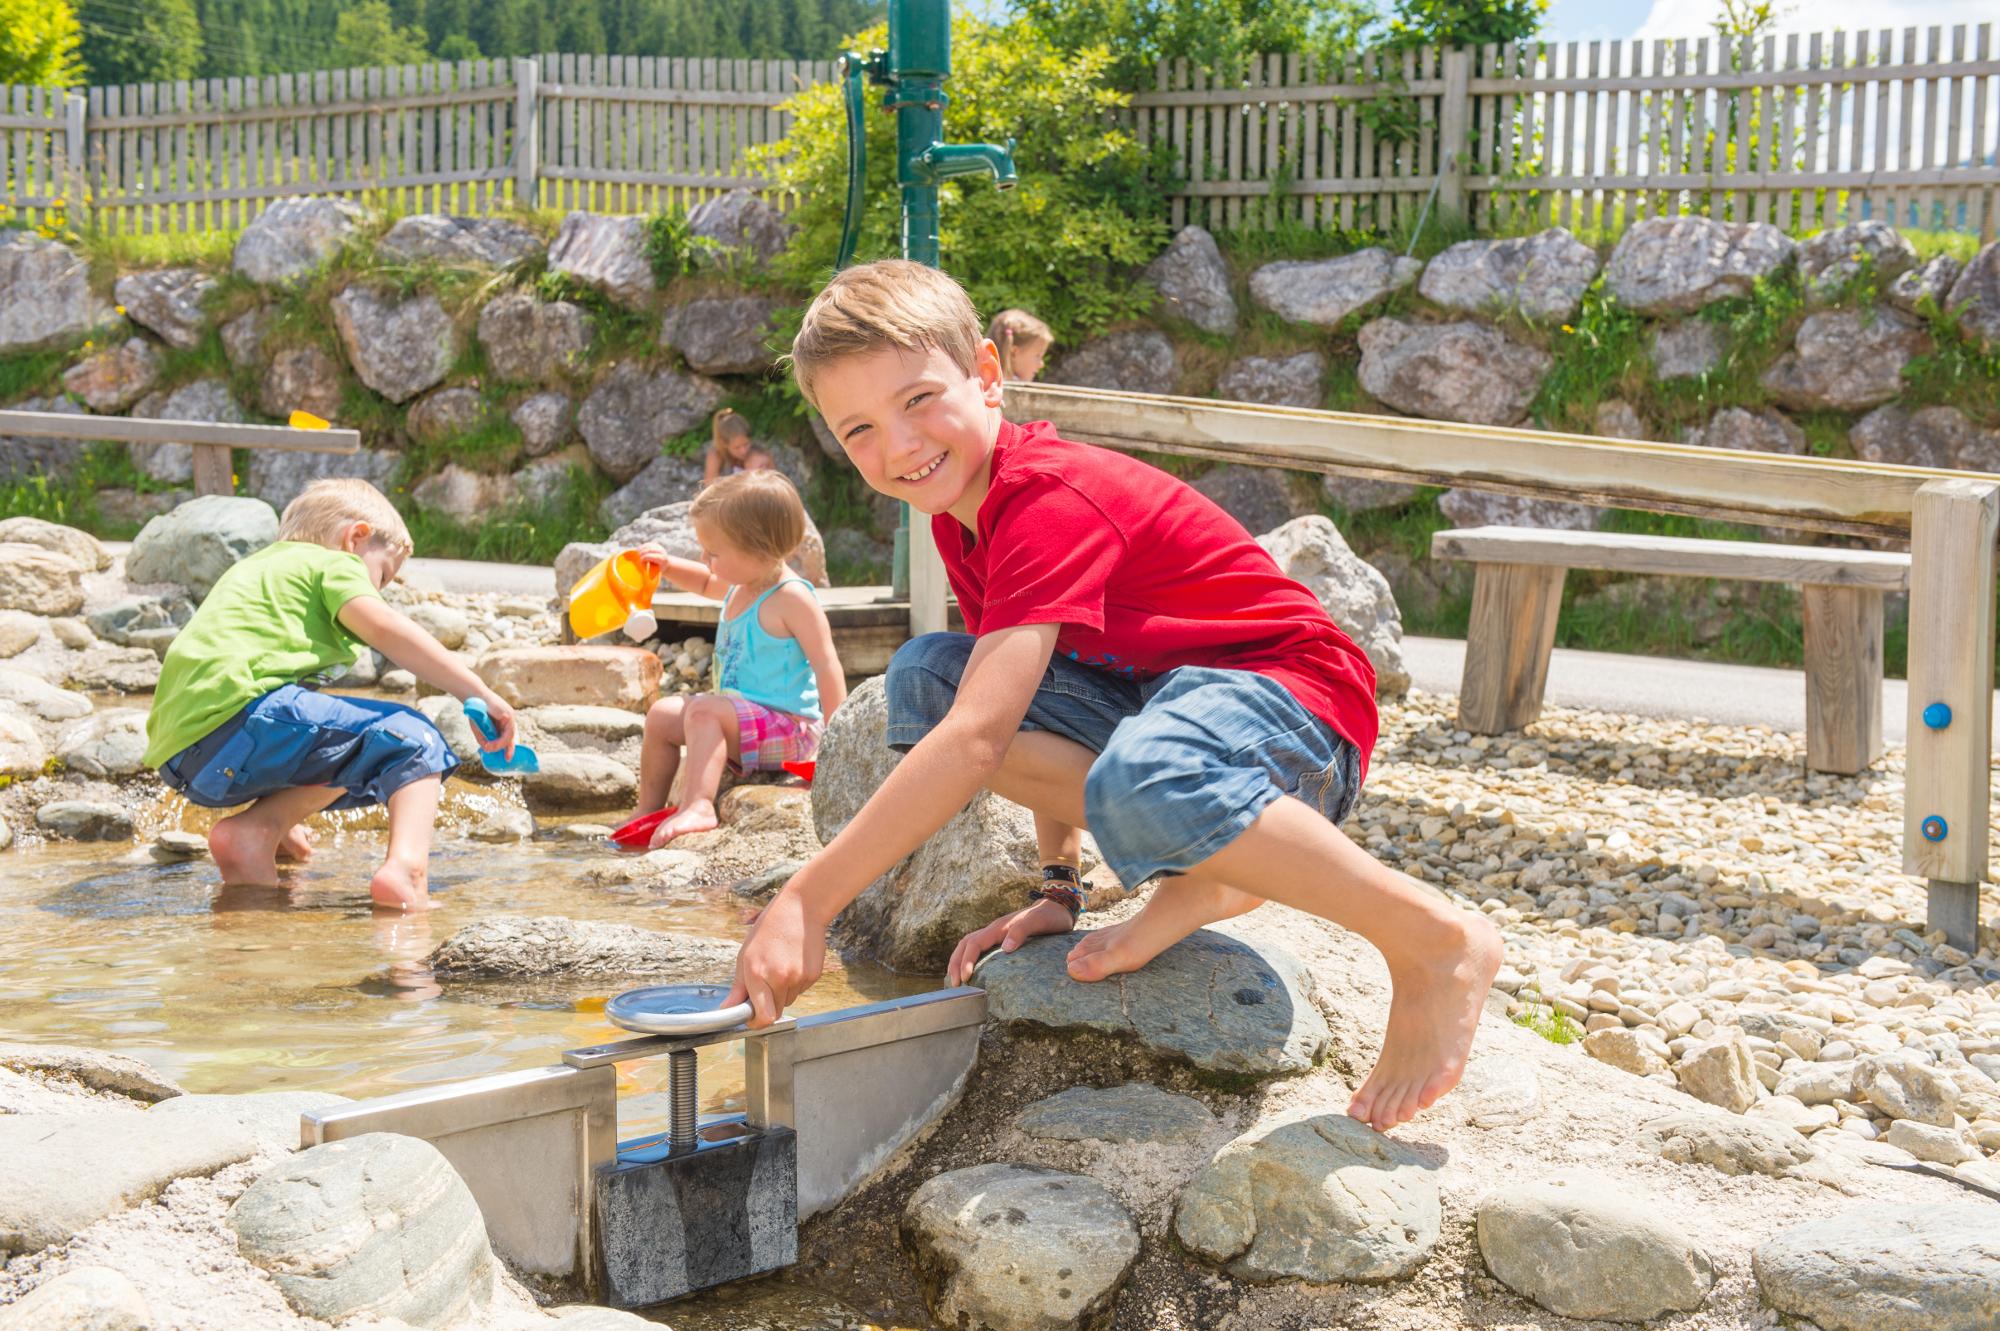 Wasserspaß am Kinder-Wasser-Spielplatz